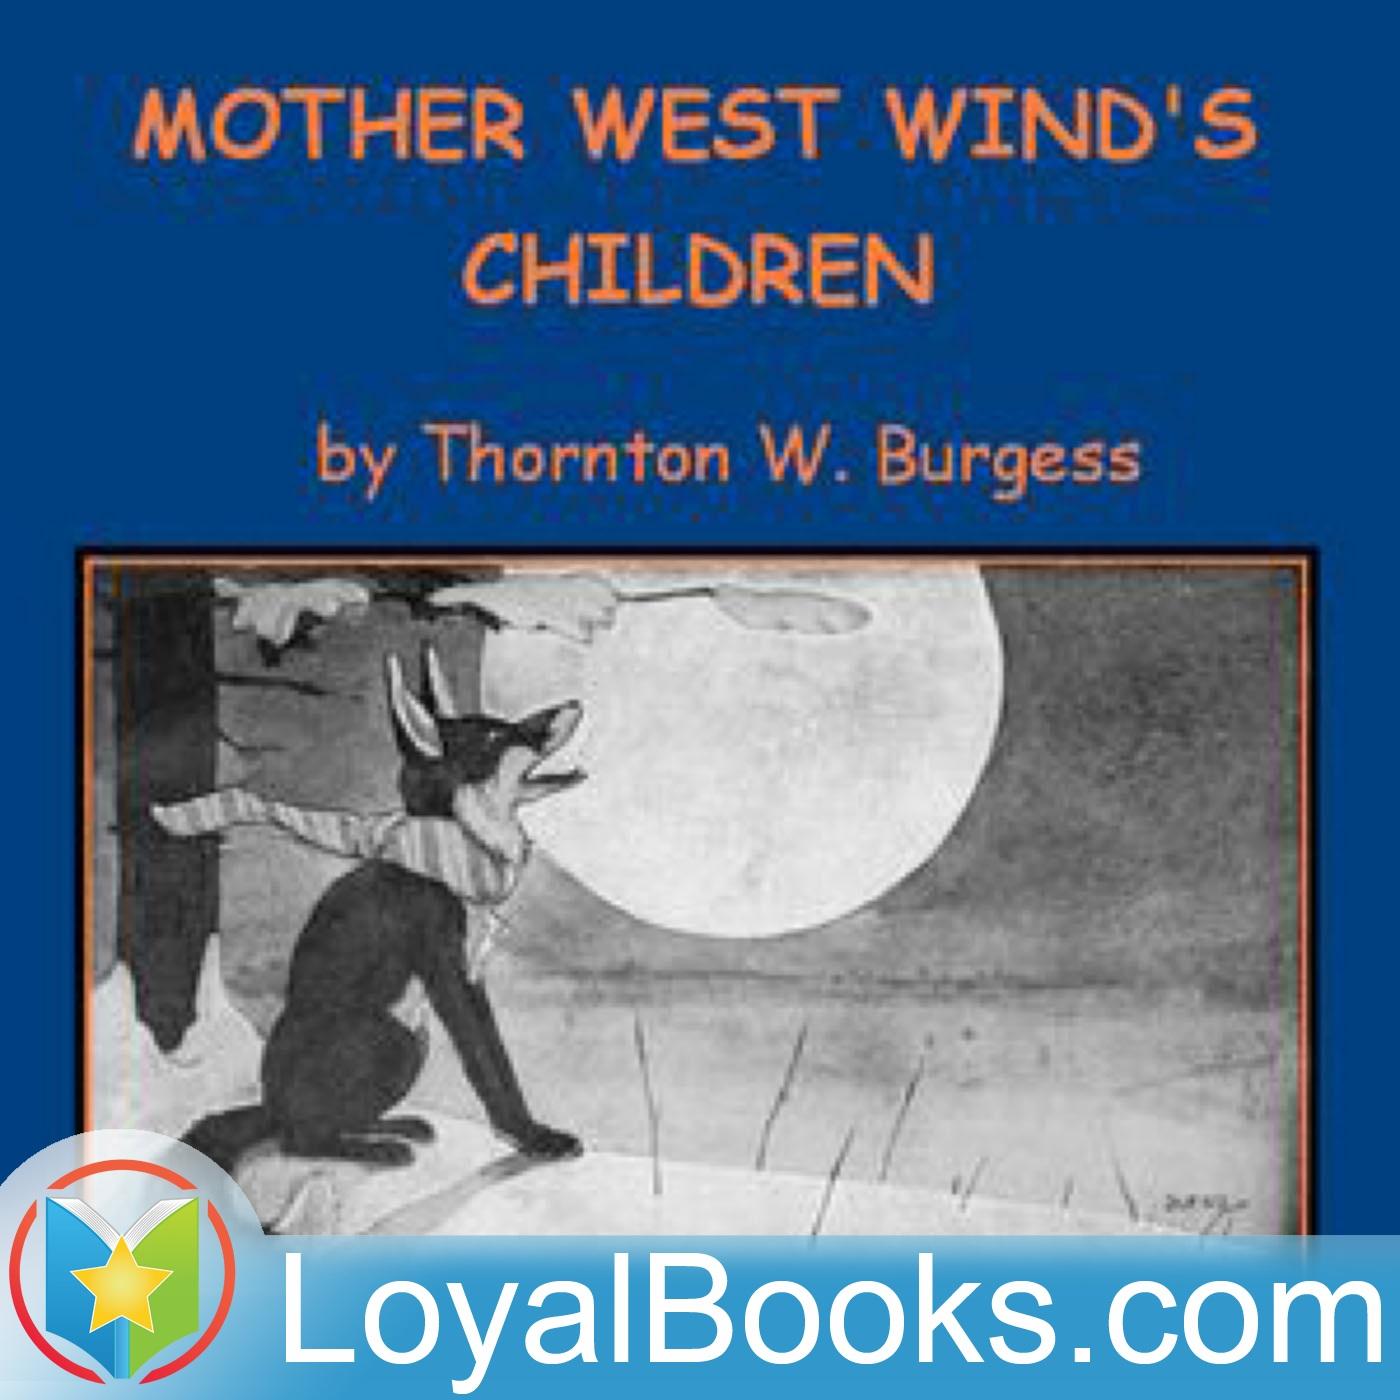 <![CDATA[Mother West Wind's Children by Thornton W. Burgess]]>